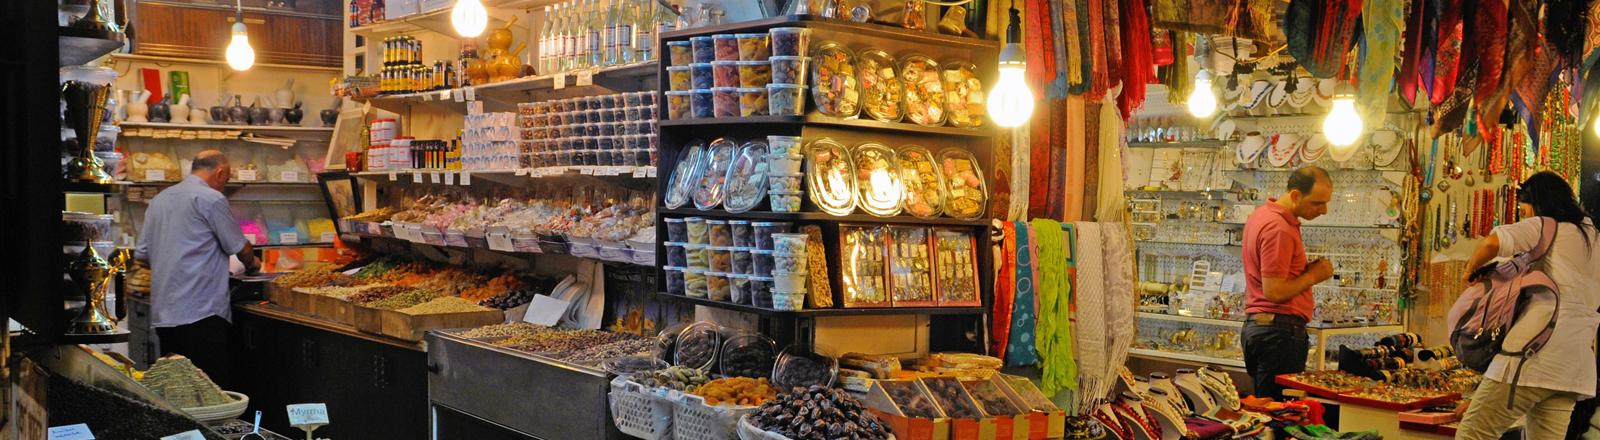 Geschäfte in der Altstadt von Jerusalem.